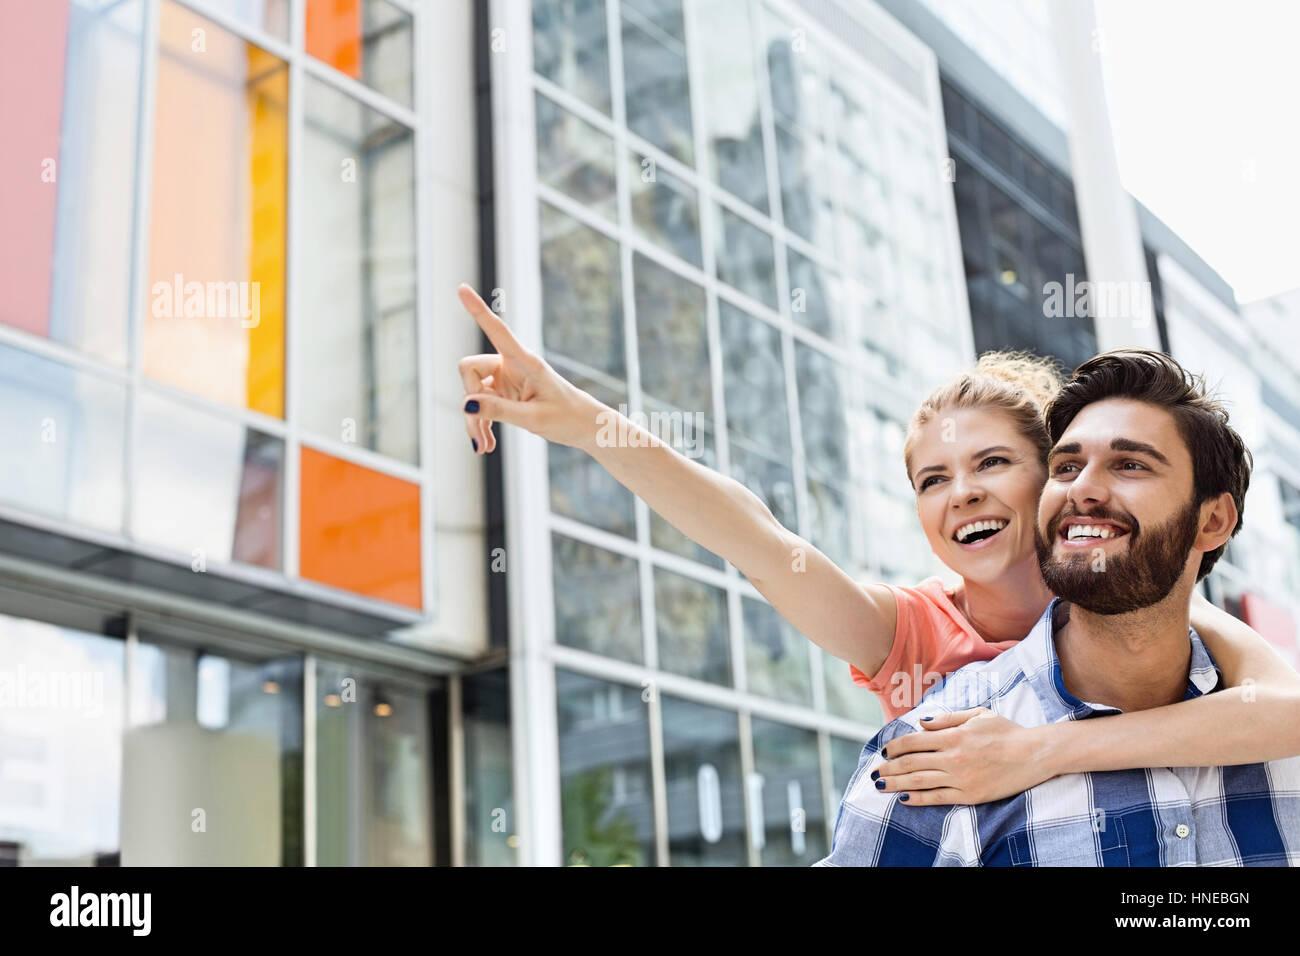 Mujer alegre mostrando algo al hombre mientras disfruta piggyback paseo en ciudad Imagen De Stock